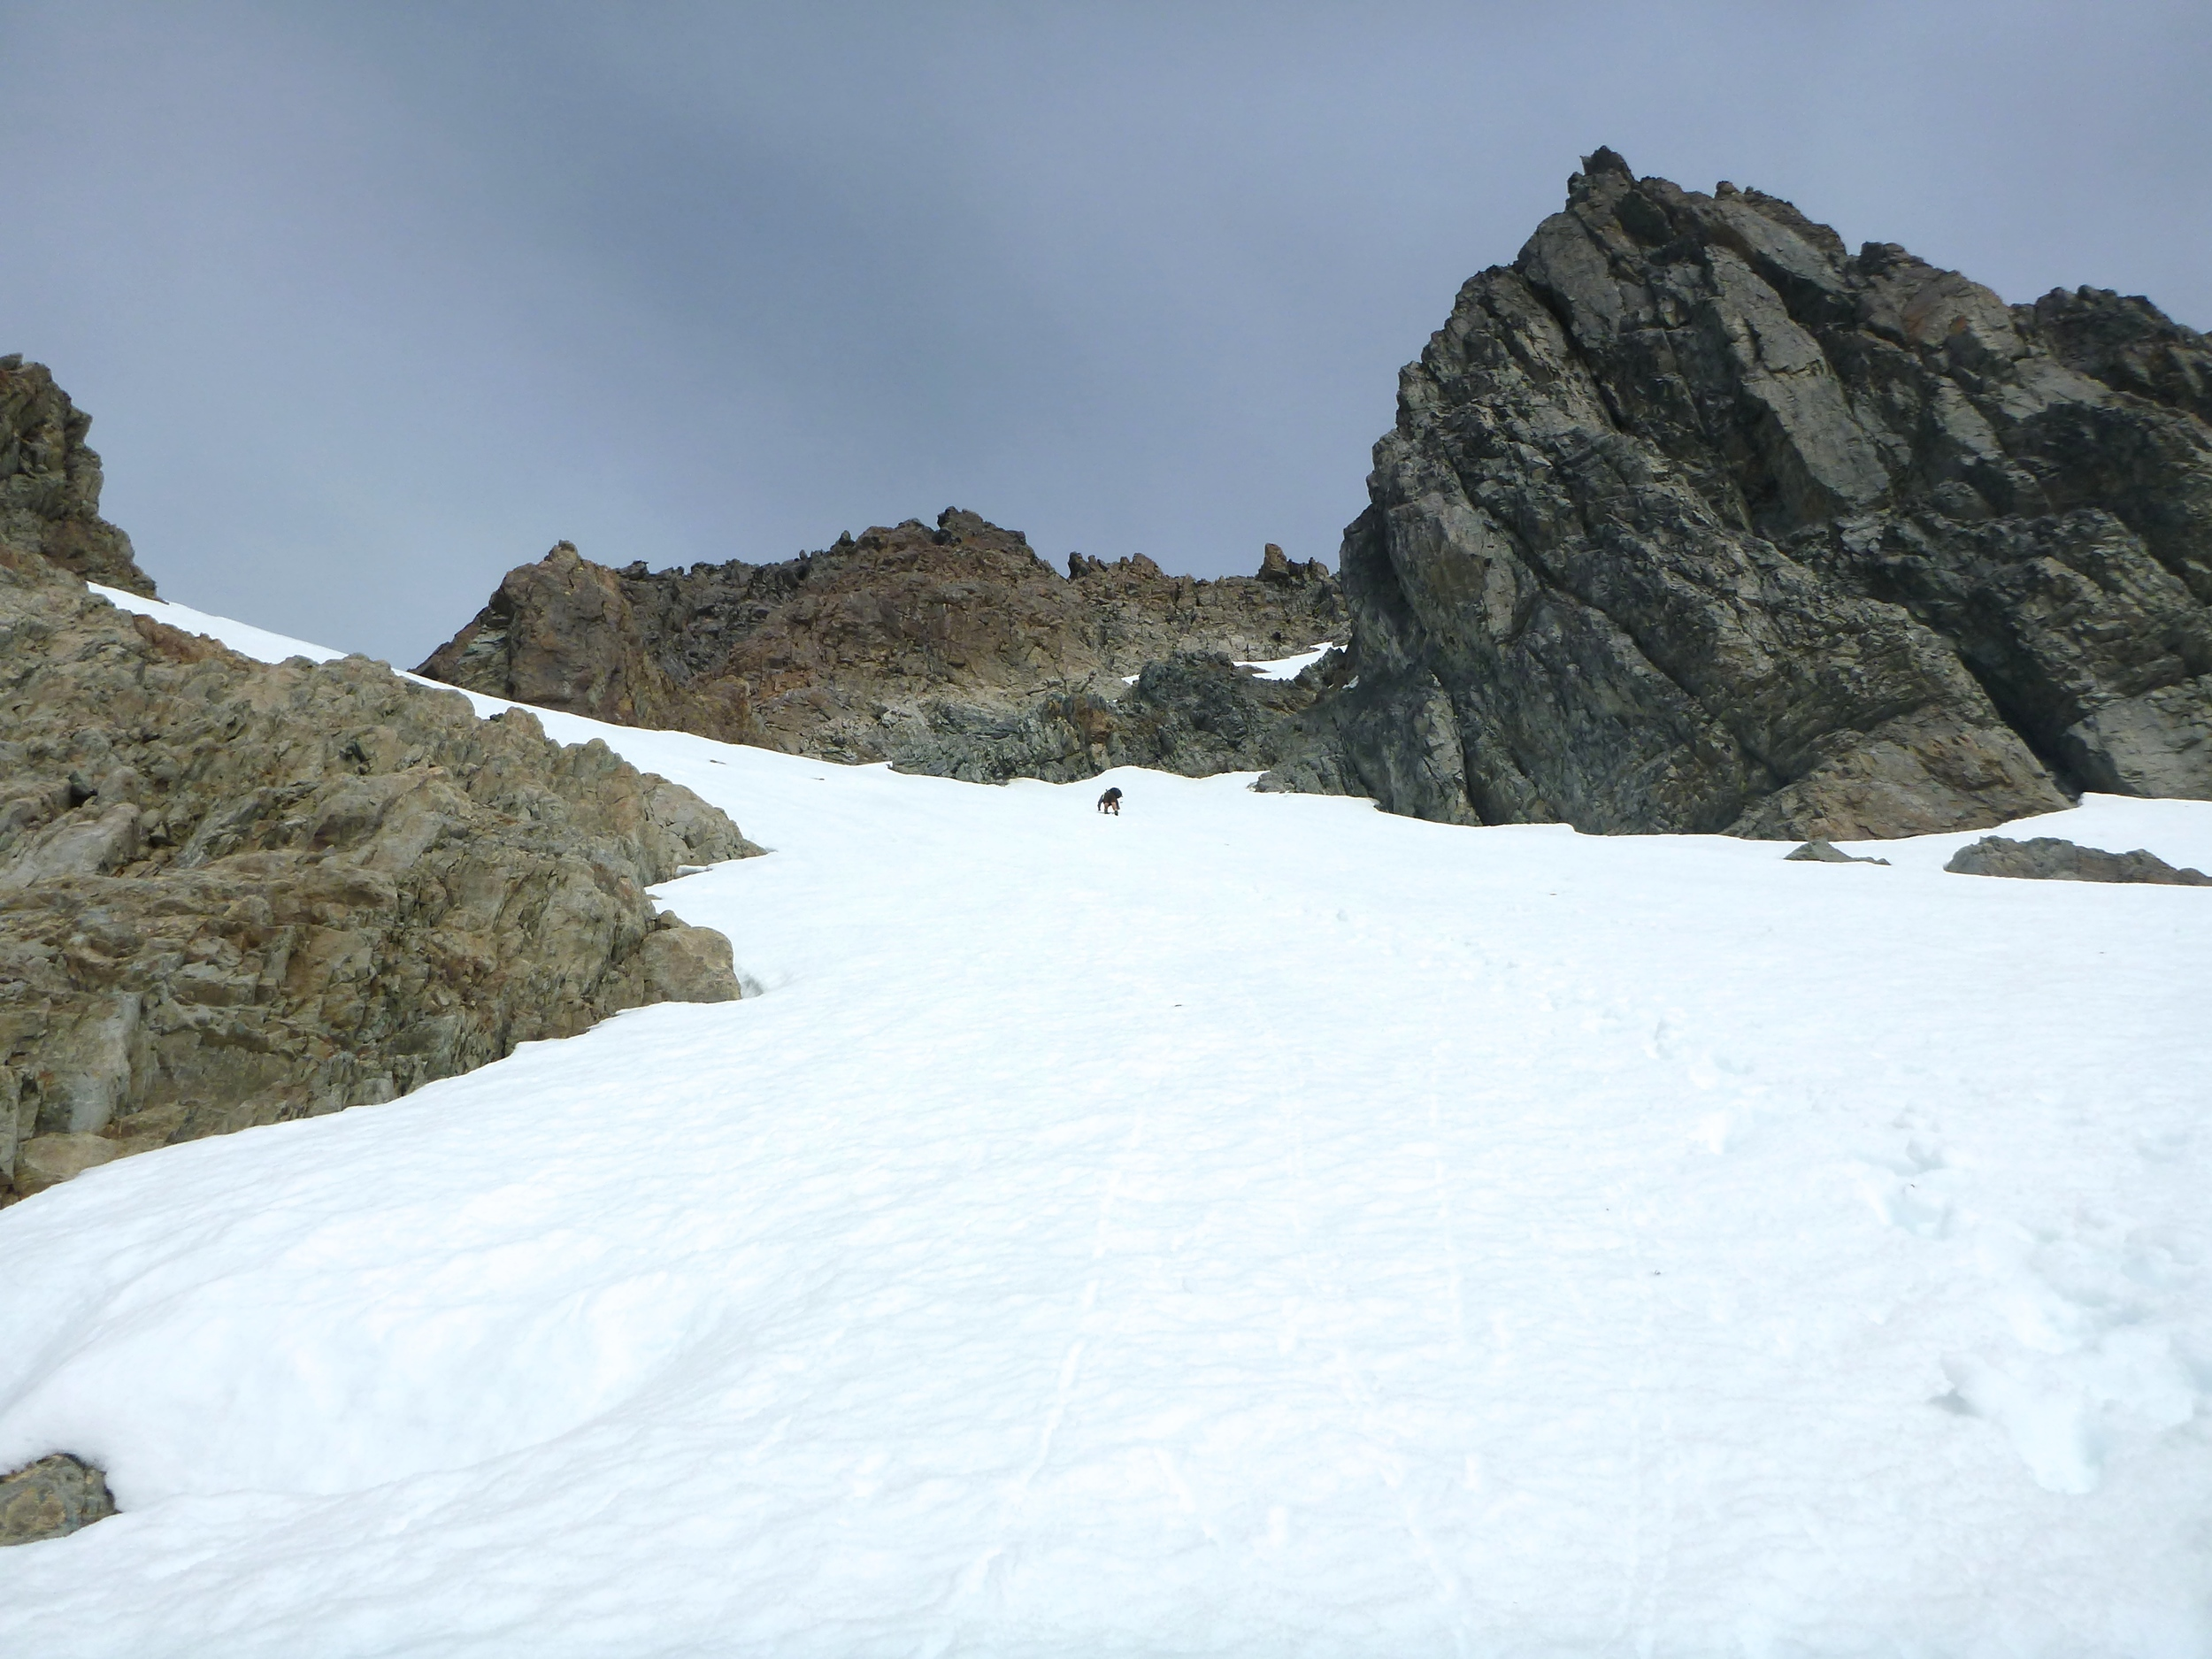 On Mount Hopeless